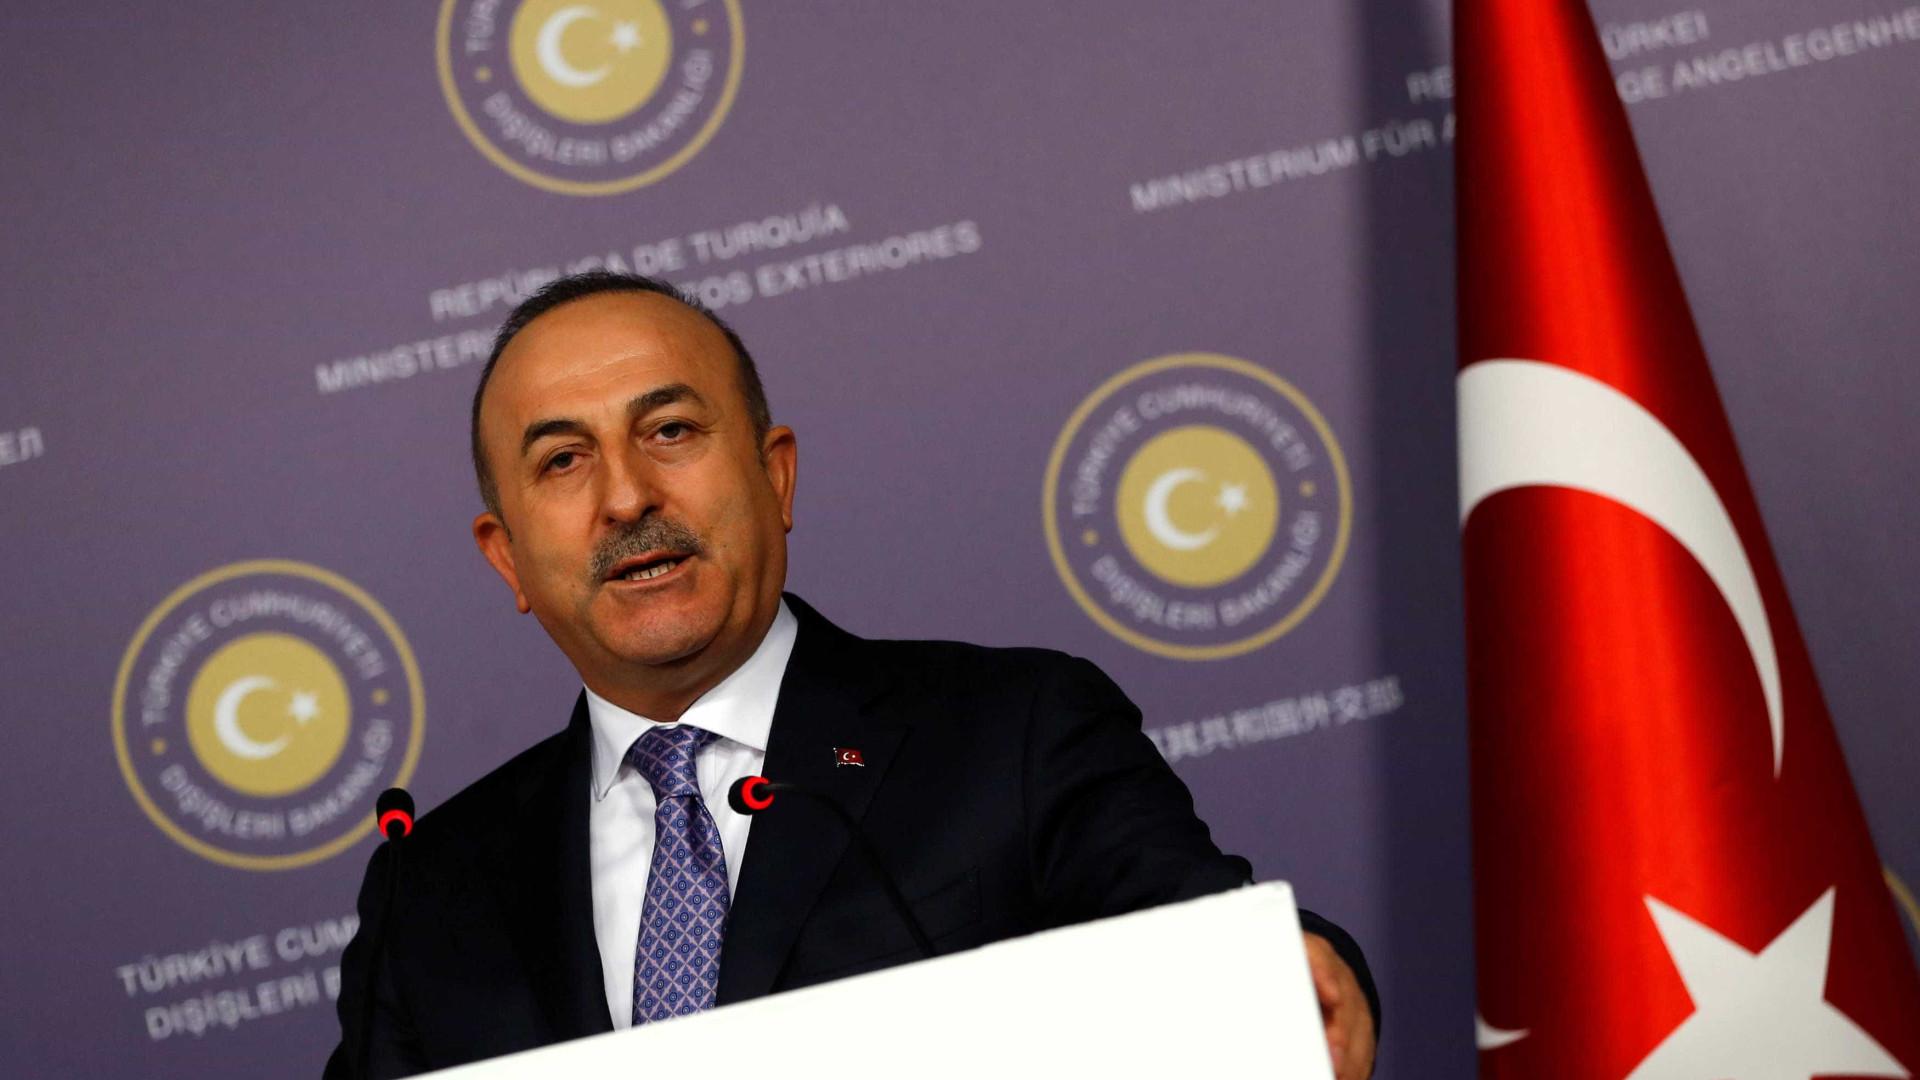 """Turquia espera relações de """"respeito mútuo"""" com Washington"""